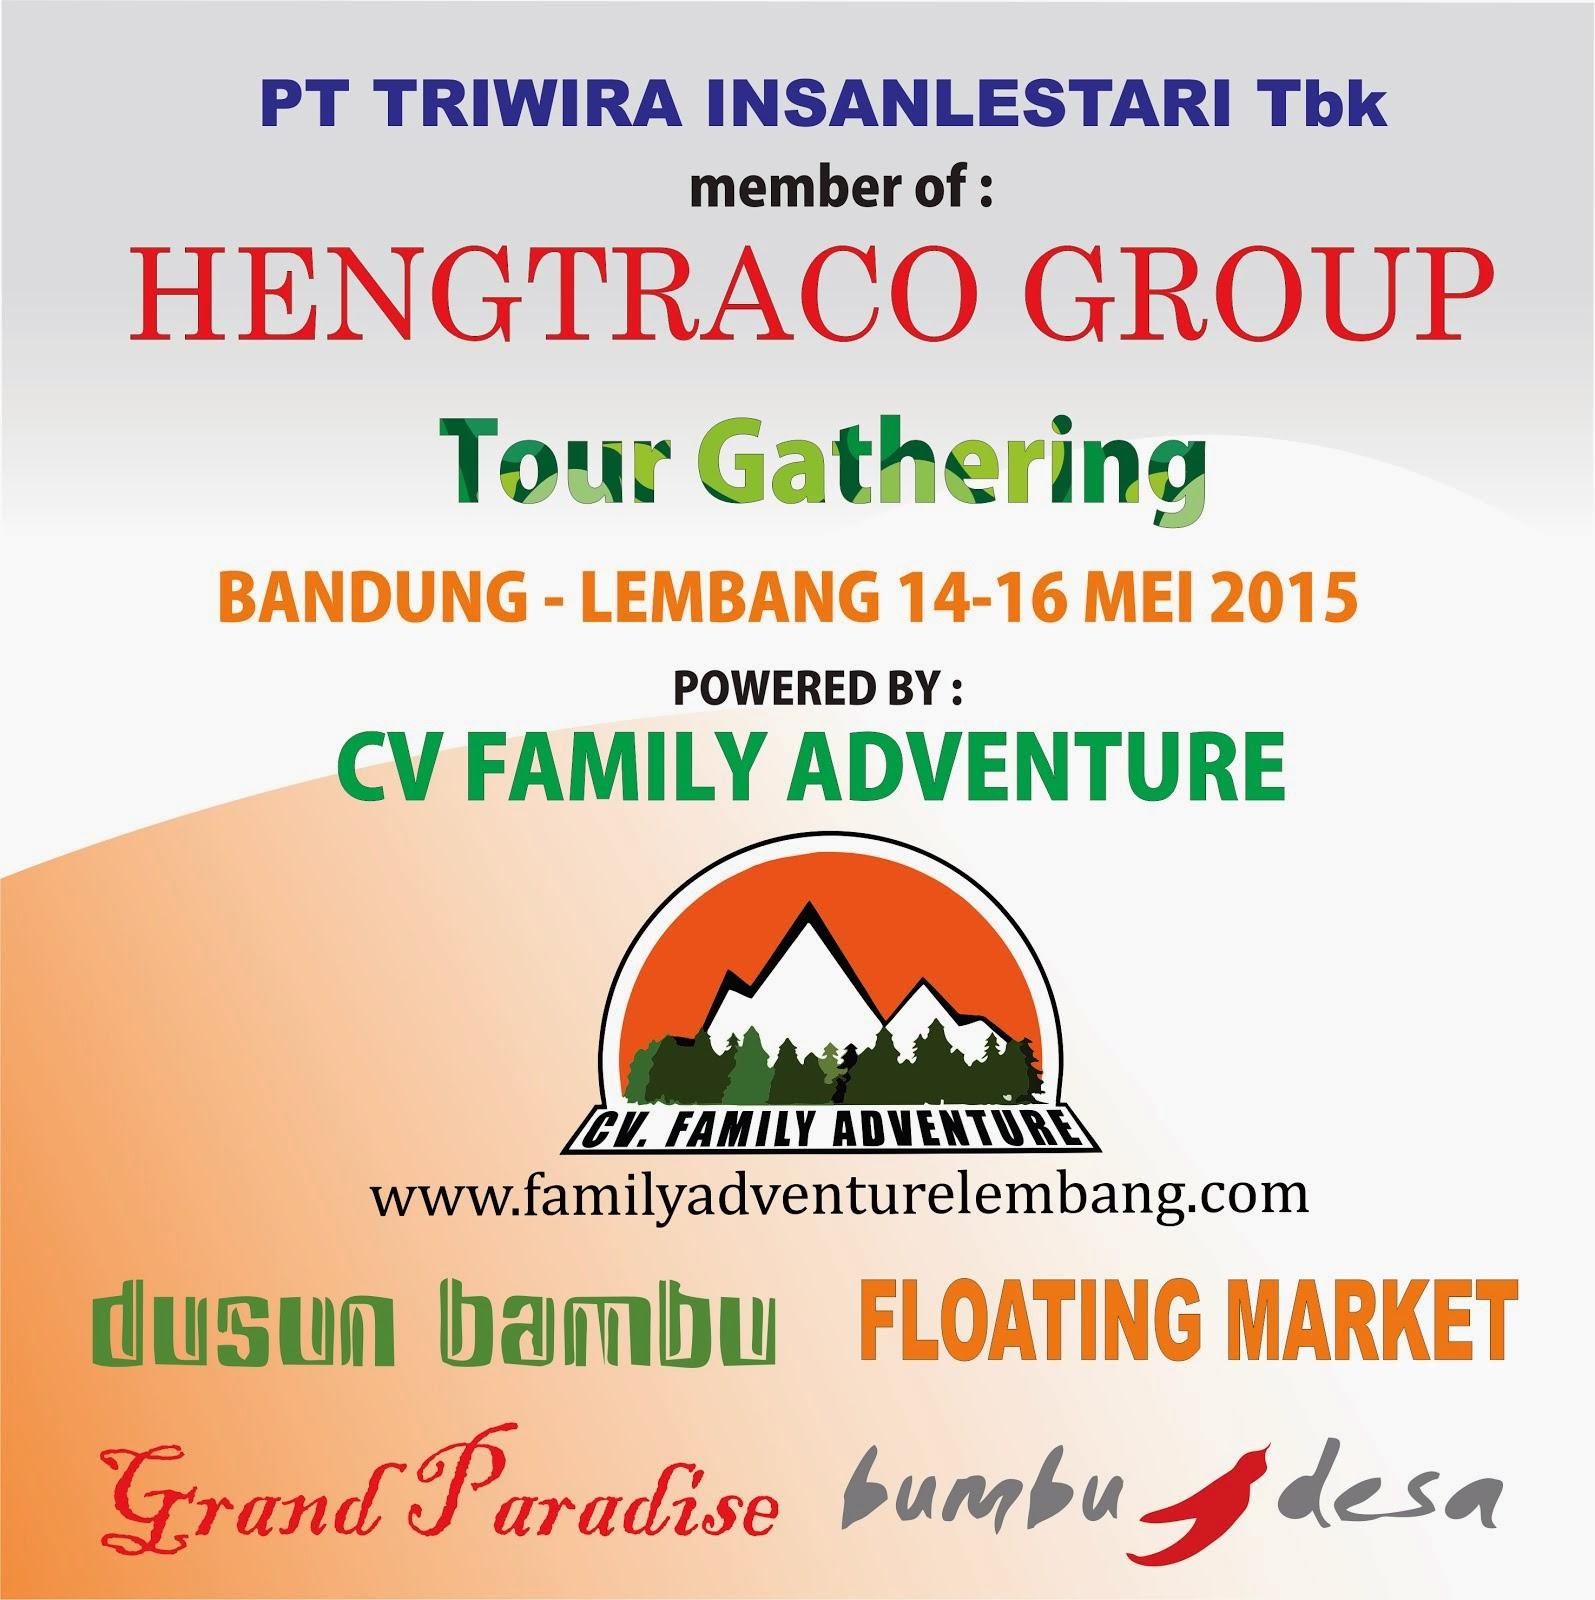 FAMILY GATHERING - TOUR GATHERING LEMBANG BANDUNG